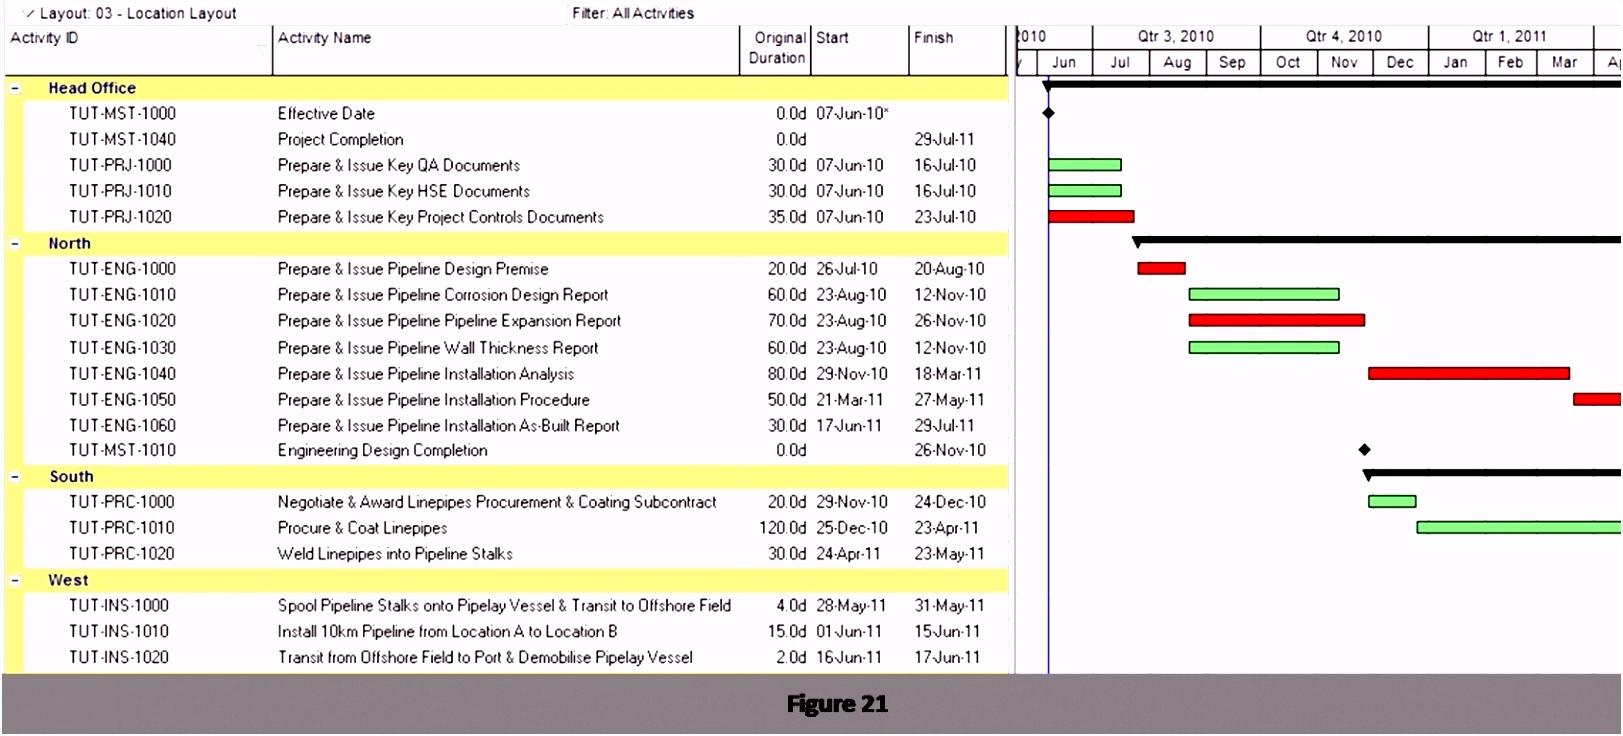 Sprechzeichnen Vorlagen Schichtplan Excel Vorlage 3 Schichten Neu 3 Schicht Kalender 2016 X6gi57mcc7 J5js2hxqh5